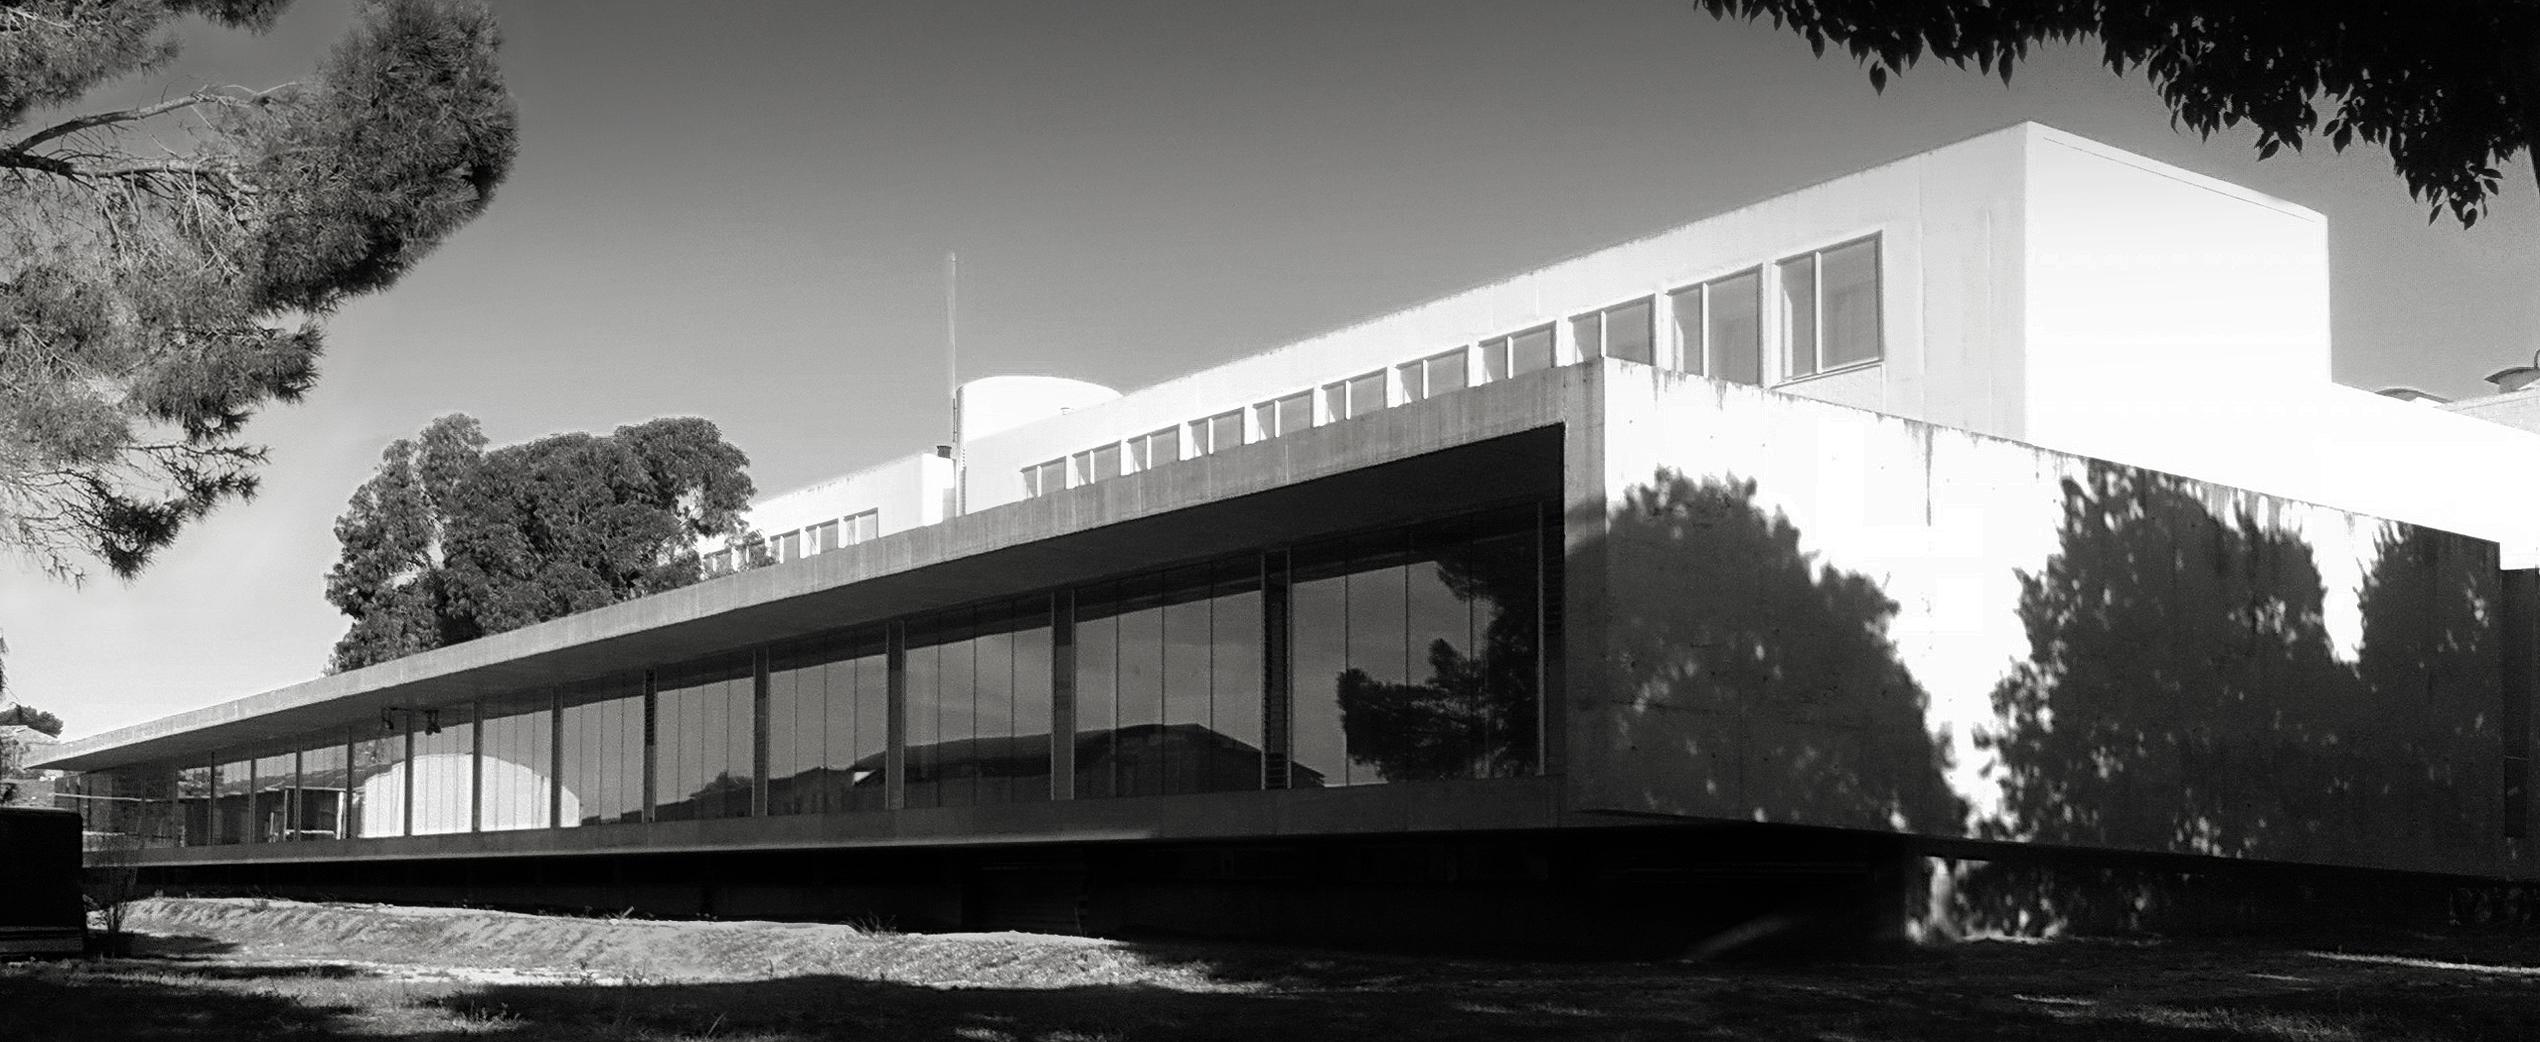 La investigaci n en el mbito barcelonaarch escuela - Escuela de arquitectura de barcelona ...